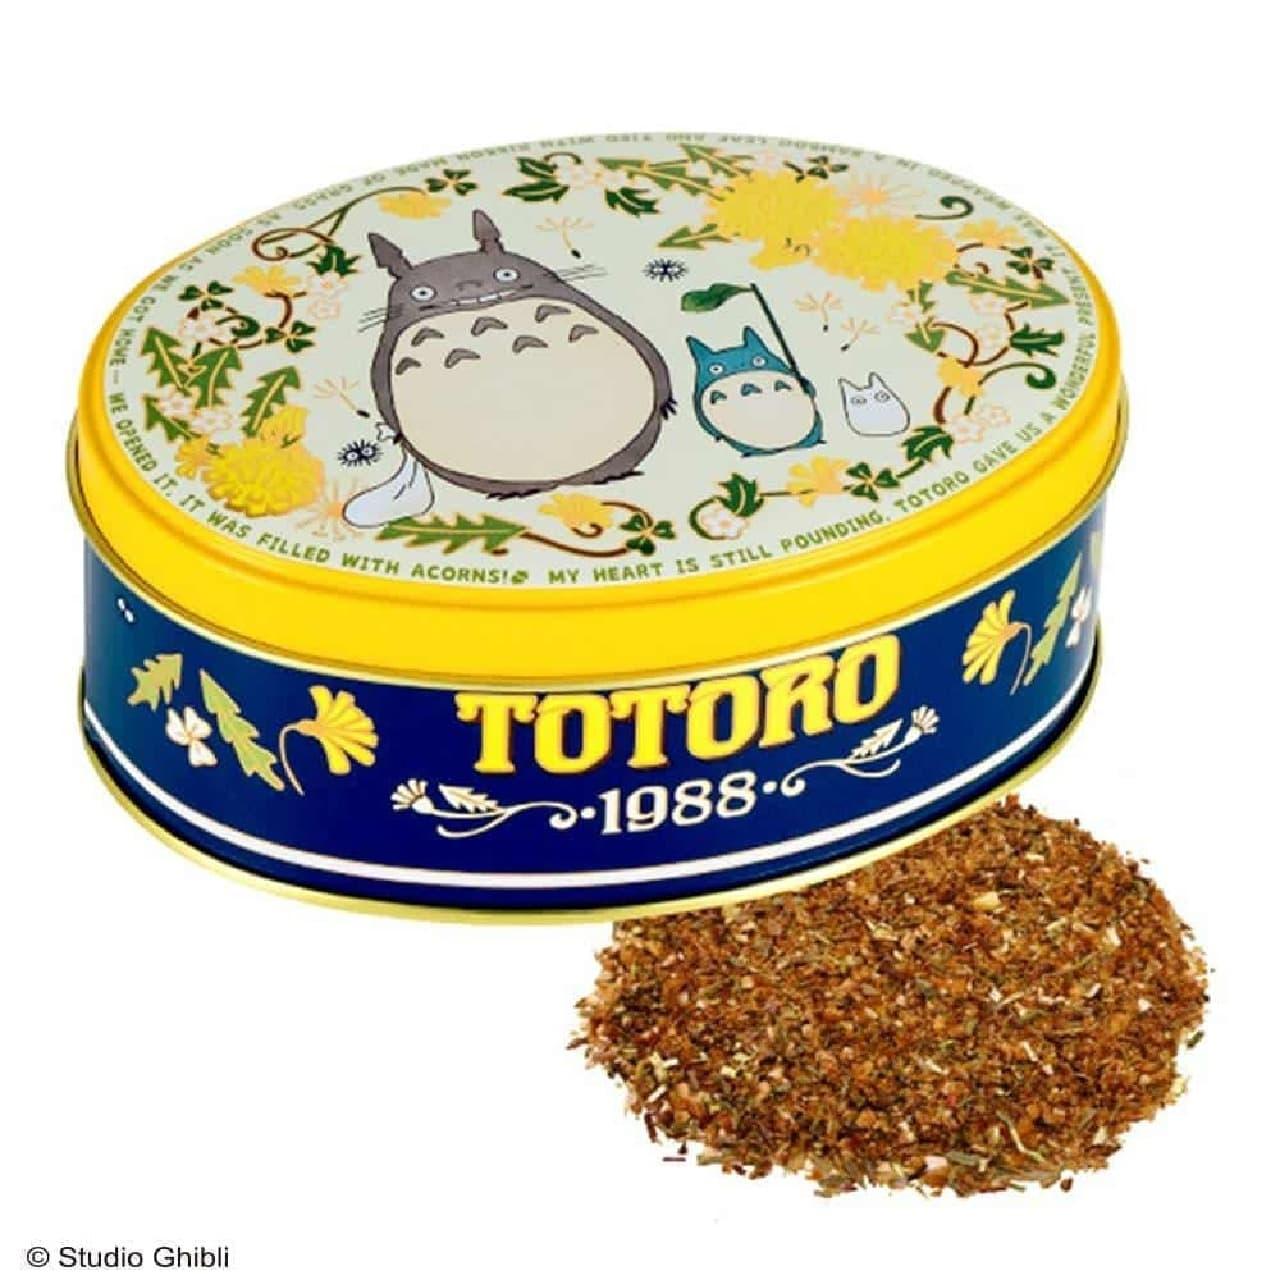 ルピシア ジブリ 紅茶缶